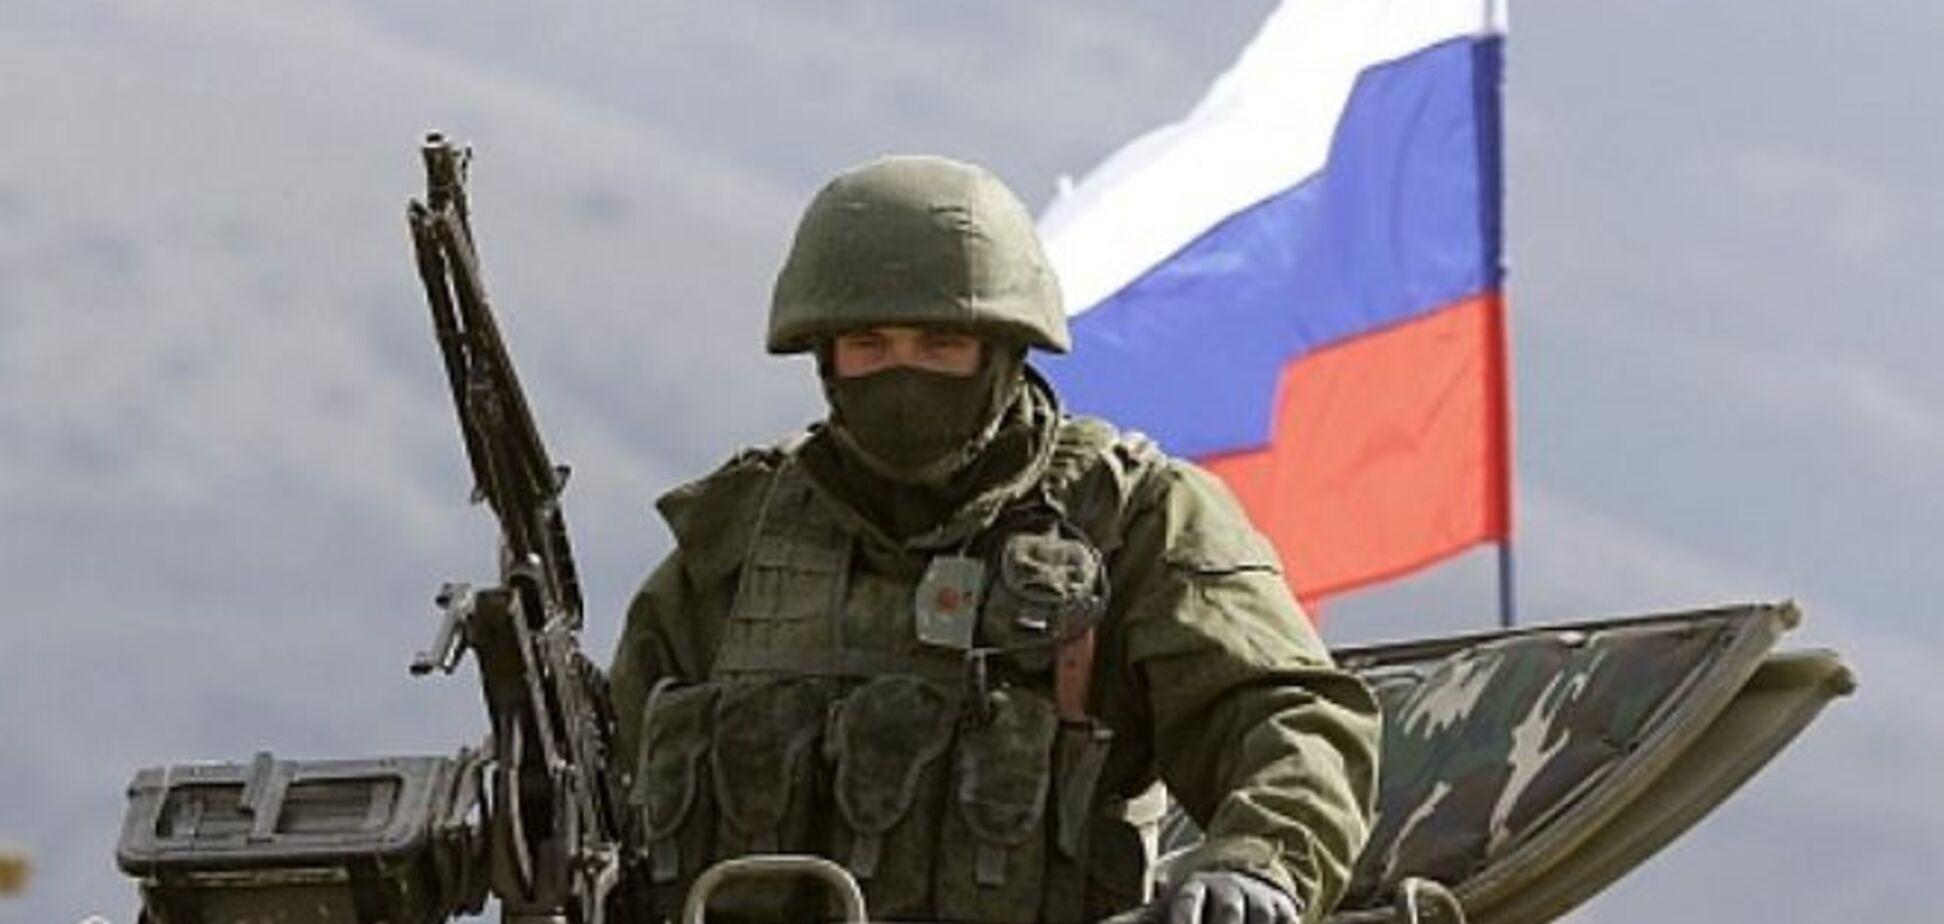 Минометчик 'ДНР' на допросе рассказал о российских кураторах: видеофакт